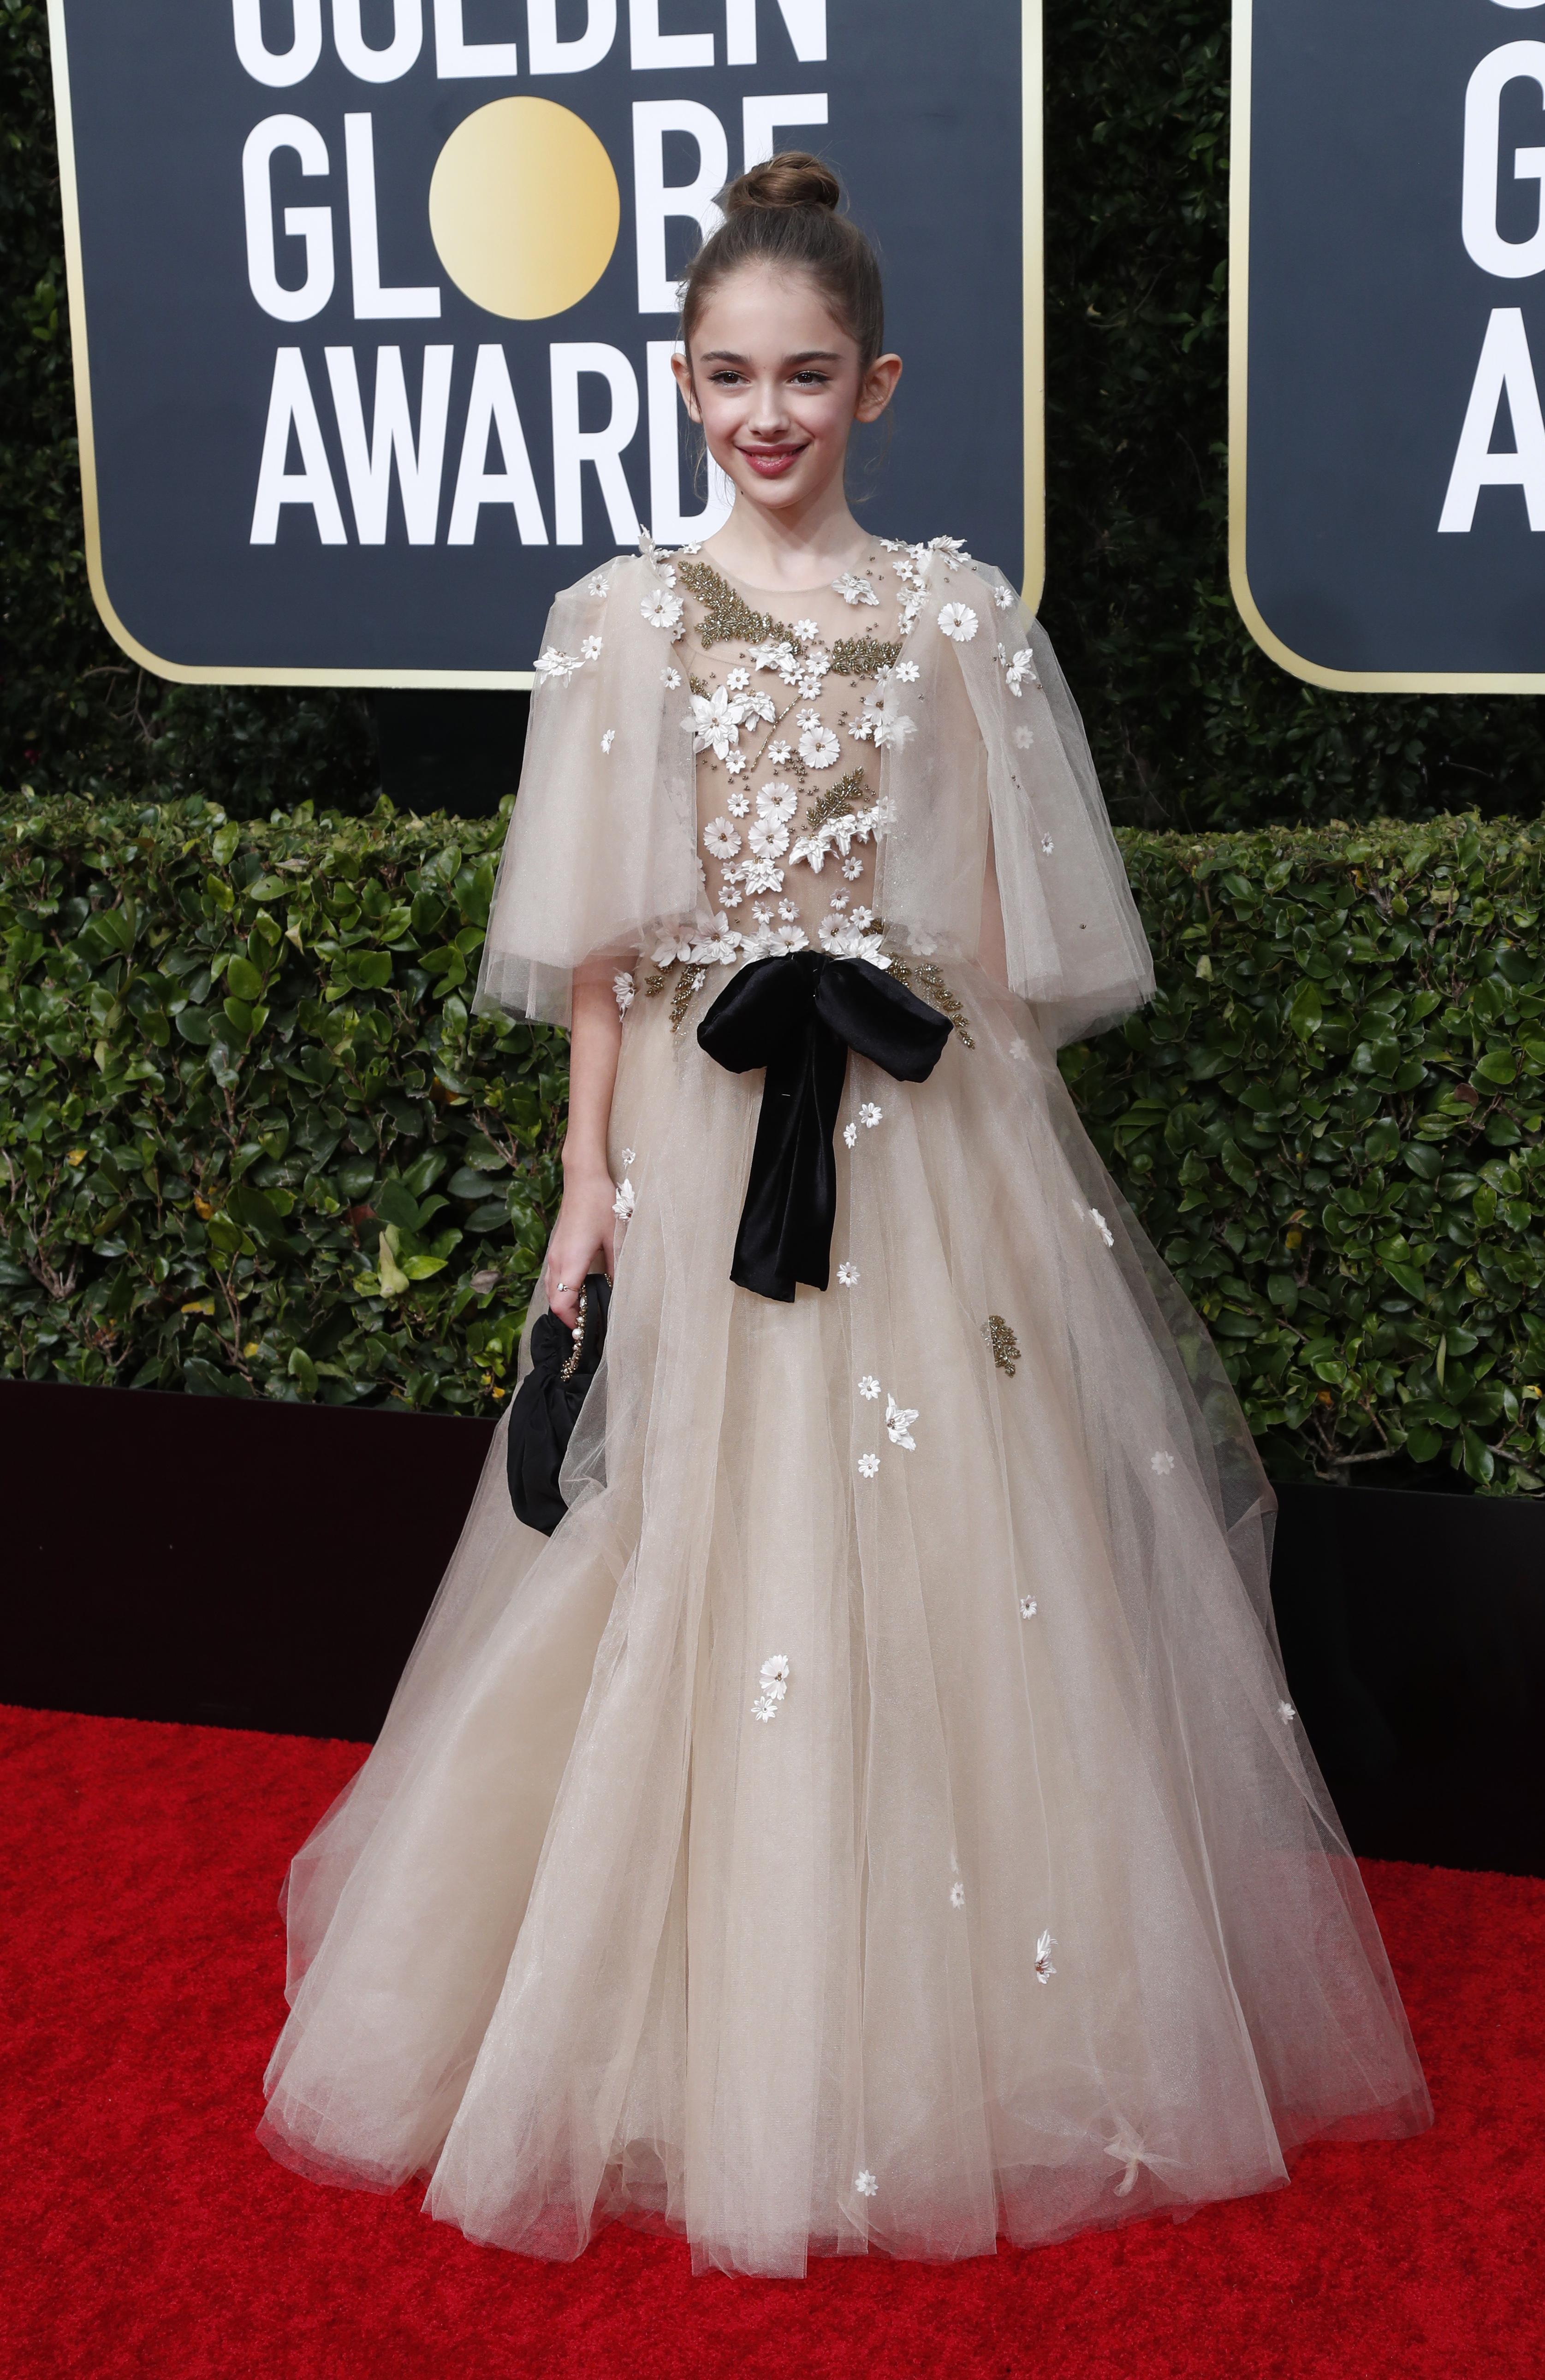 La pequeña actriz Julia Butters, en sus primeros Golden Globes, lució un vestido estilo romántico con detalles de apliques de flores de margaritas y cintas de chiffón